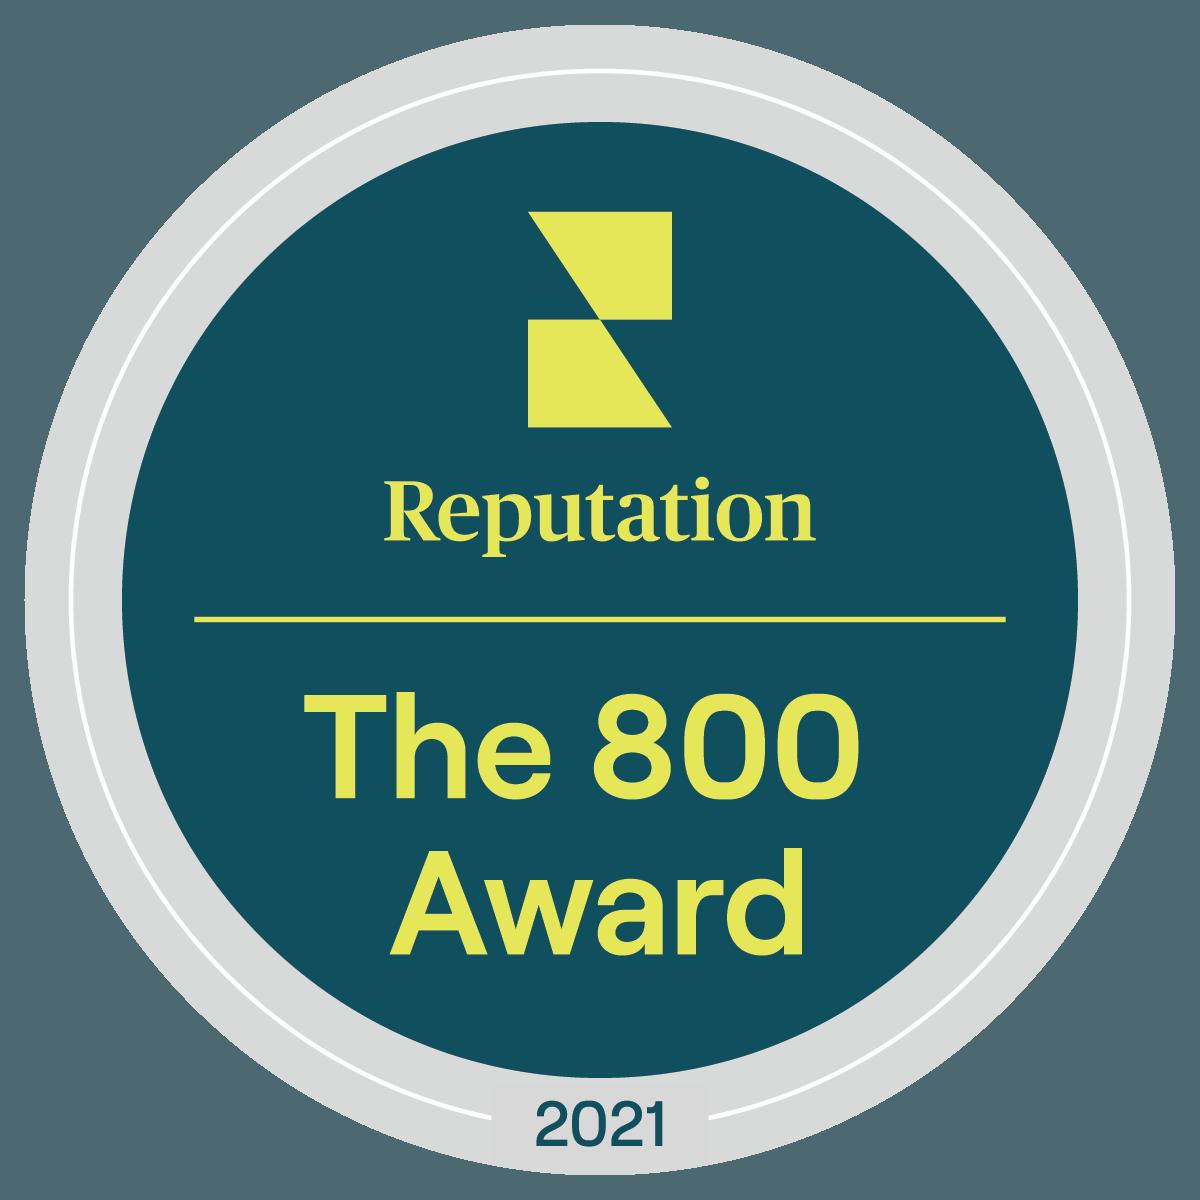 800 award